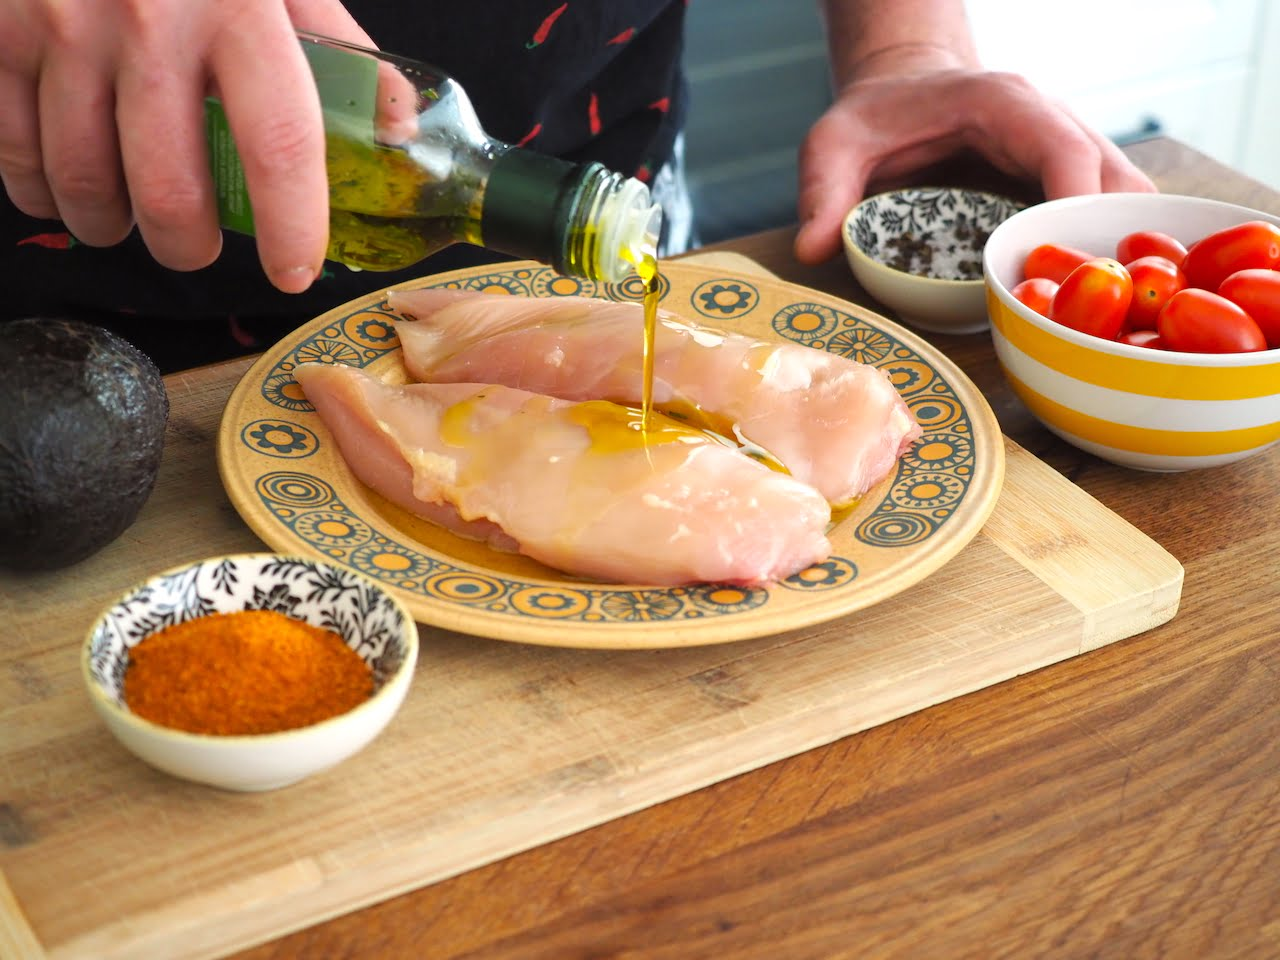 jak grillować kurczaka